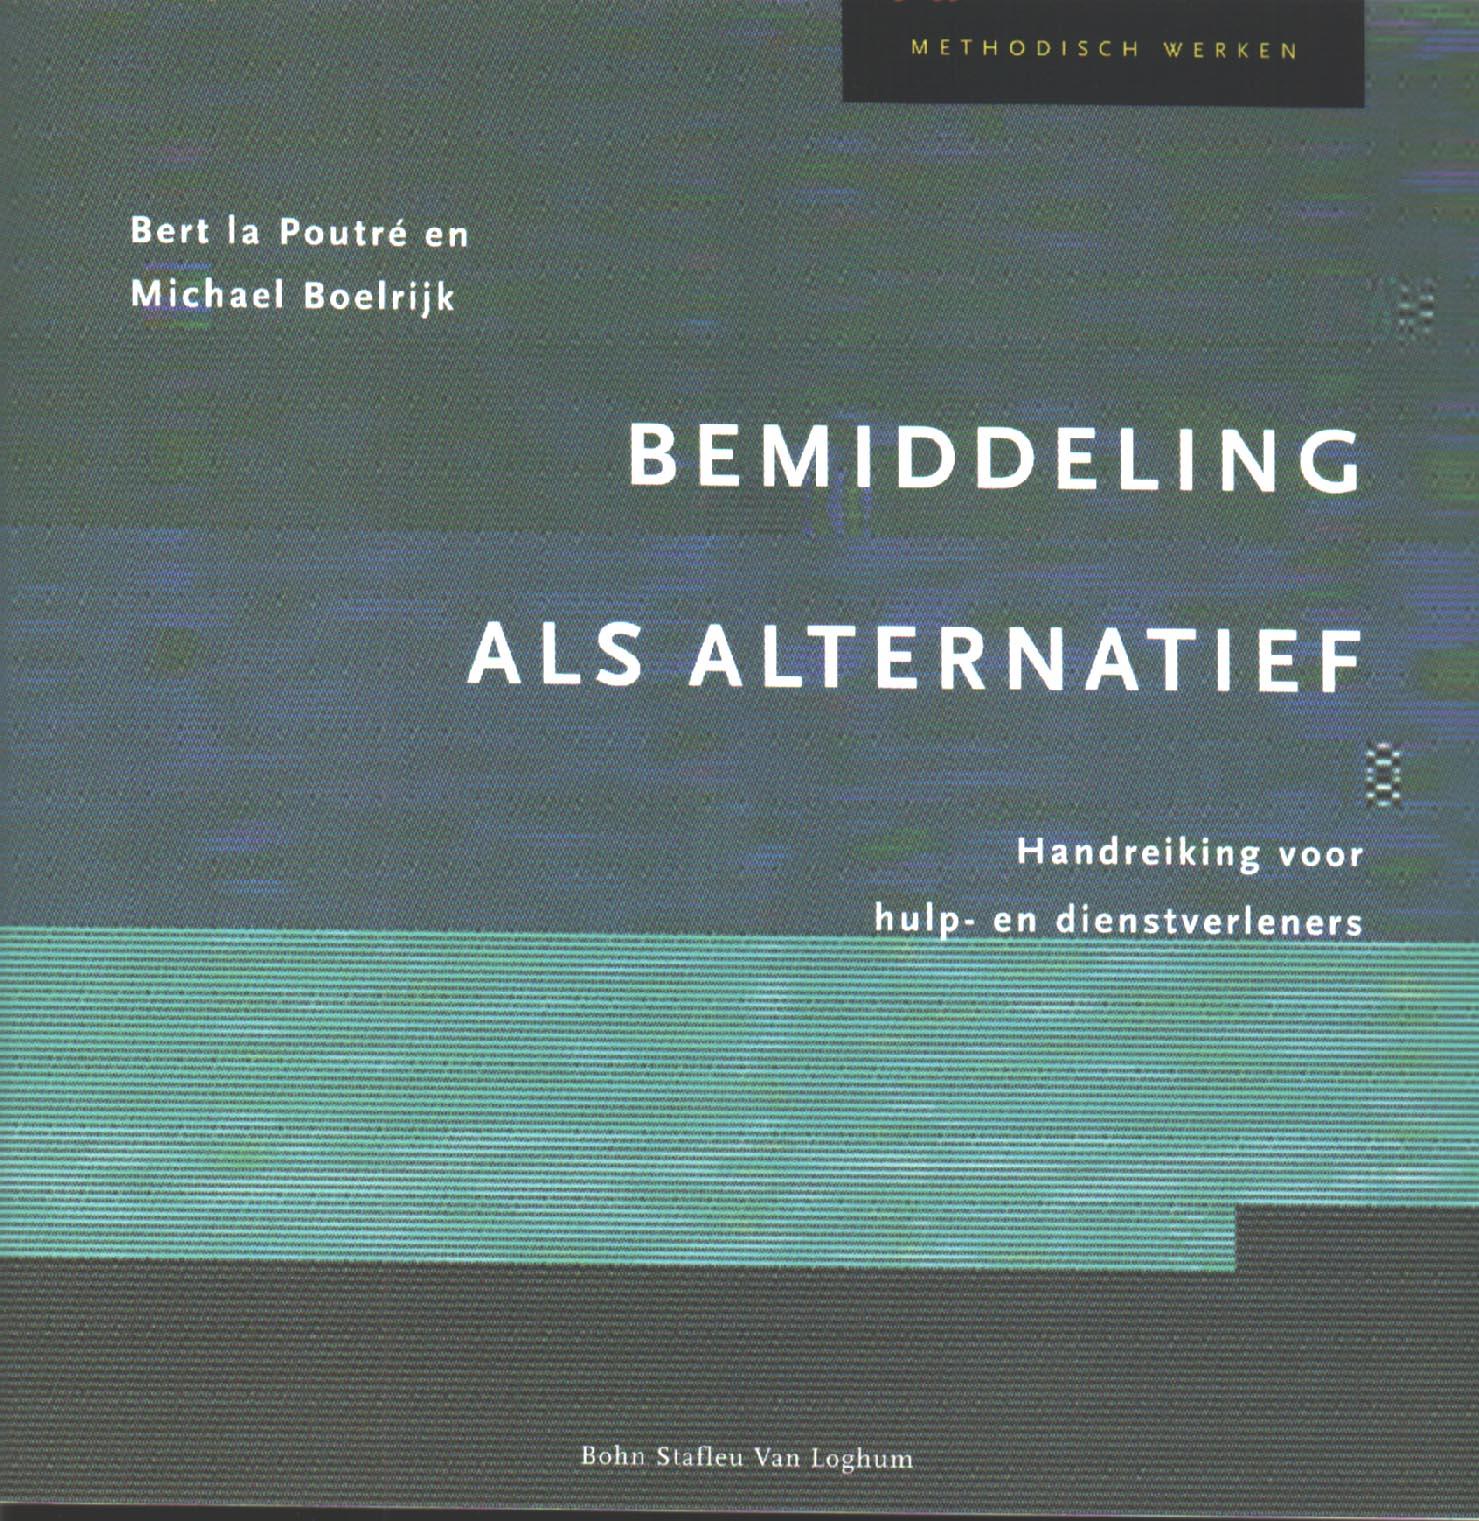 © M. Boelrijk Bemiddeling mediation handleiding